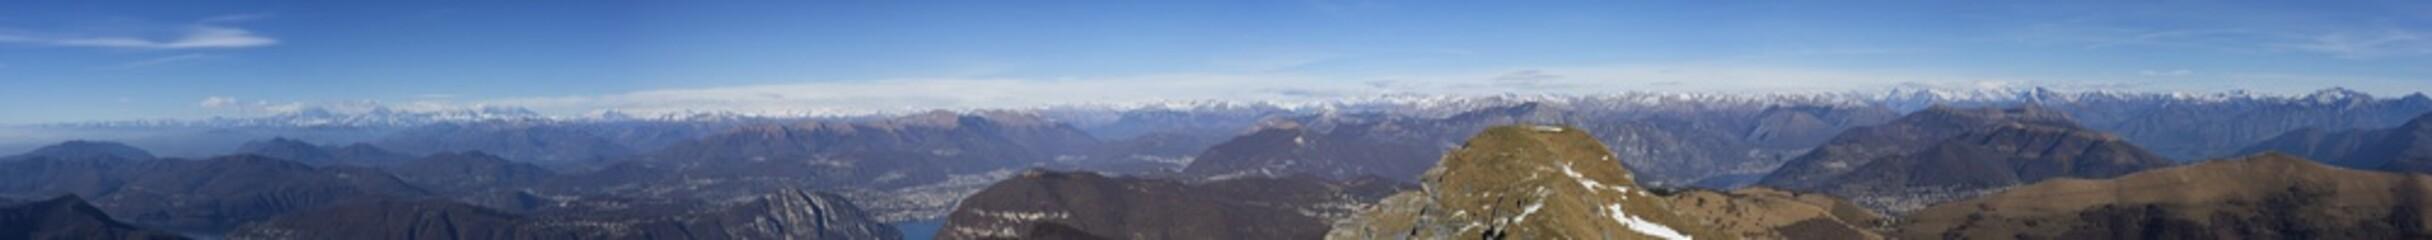 Catena delle alpi vista dal Monte Generoso